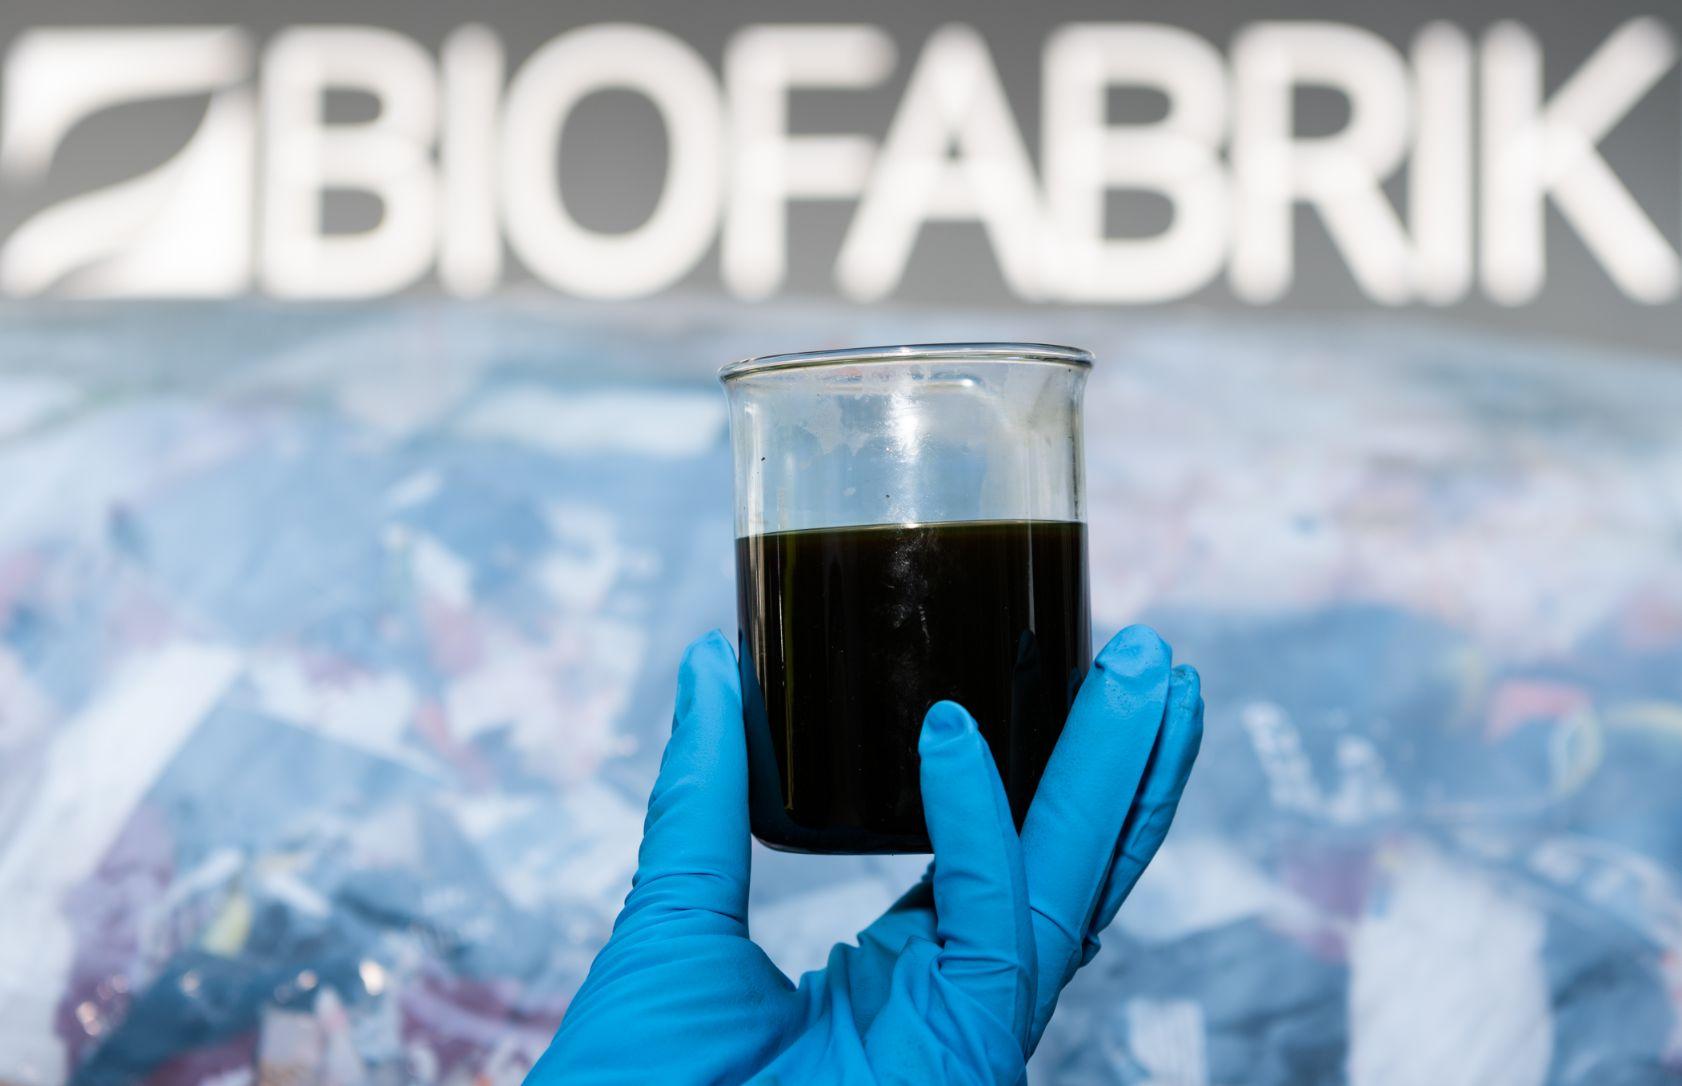 יד של פועל במפעל של ביופבריק שבבית הזיקוק וויט ריפיינרי בסקסוניה, גרמניה, מחזיק כוס של נפט ממוחזר